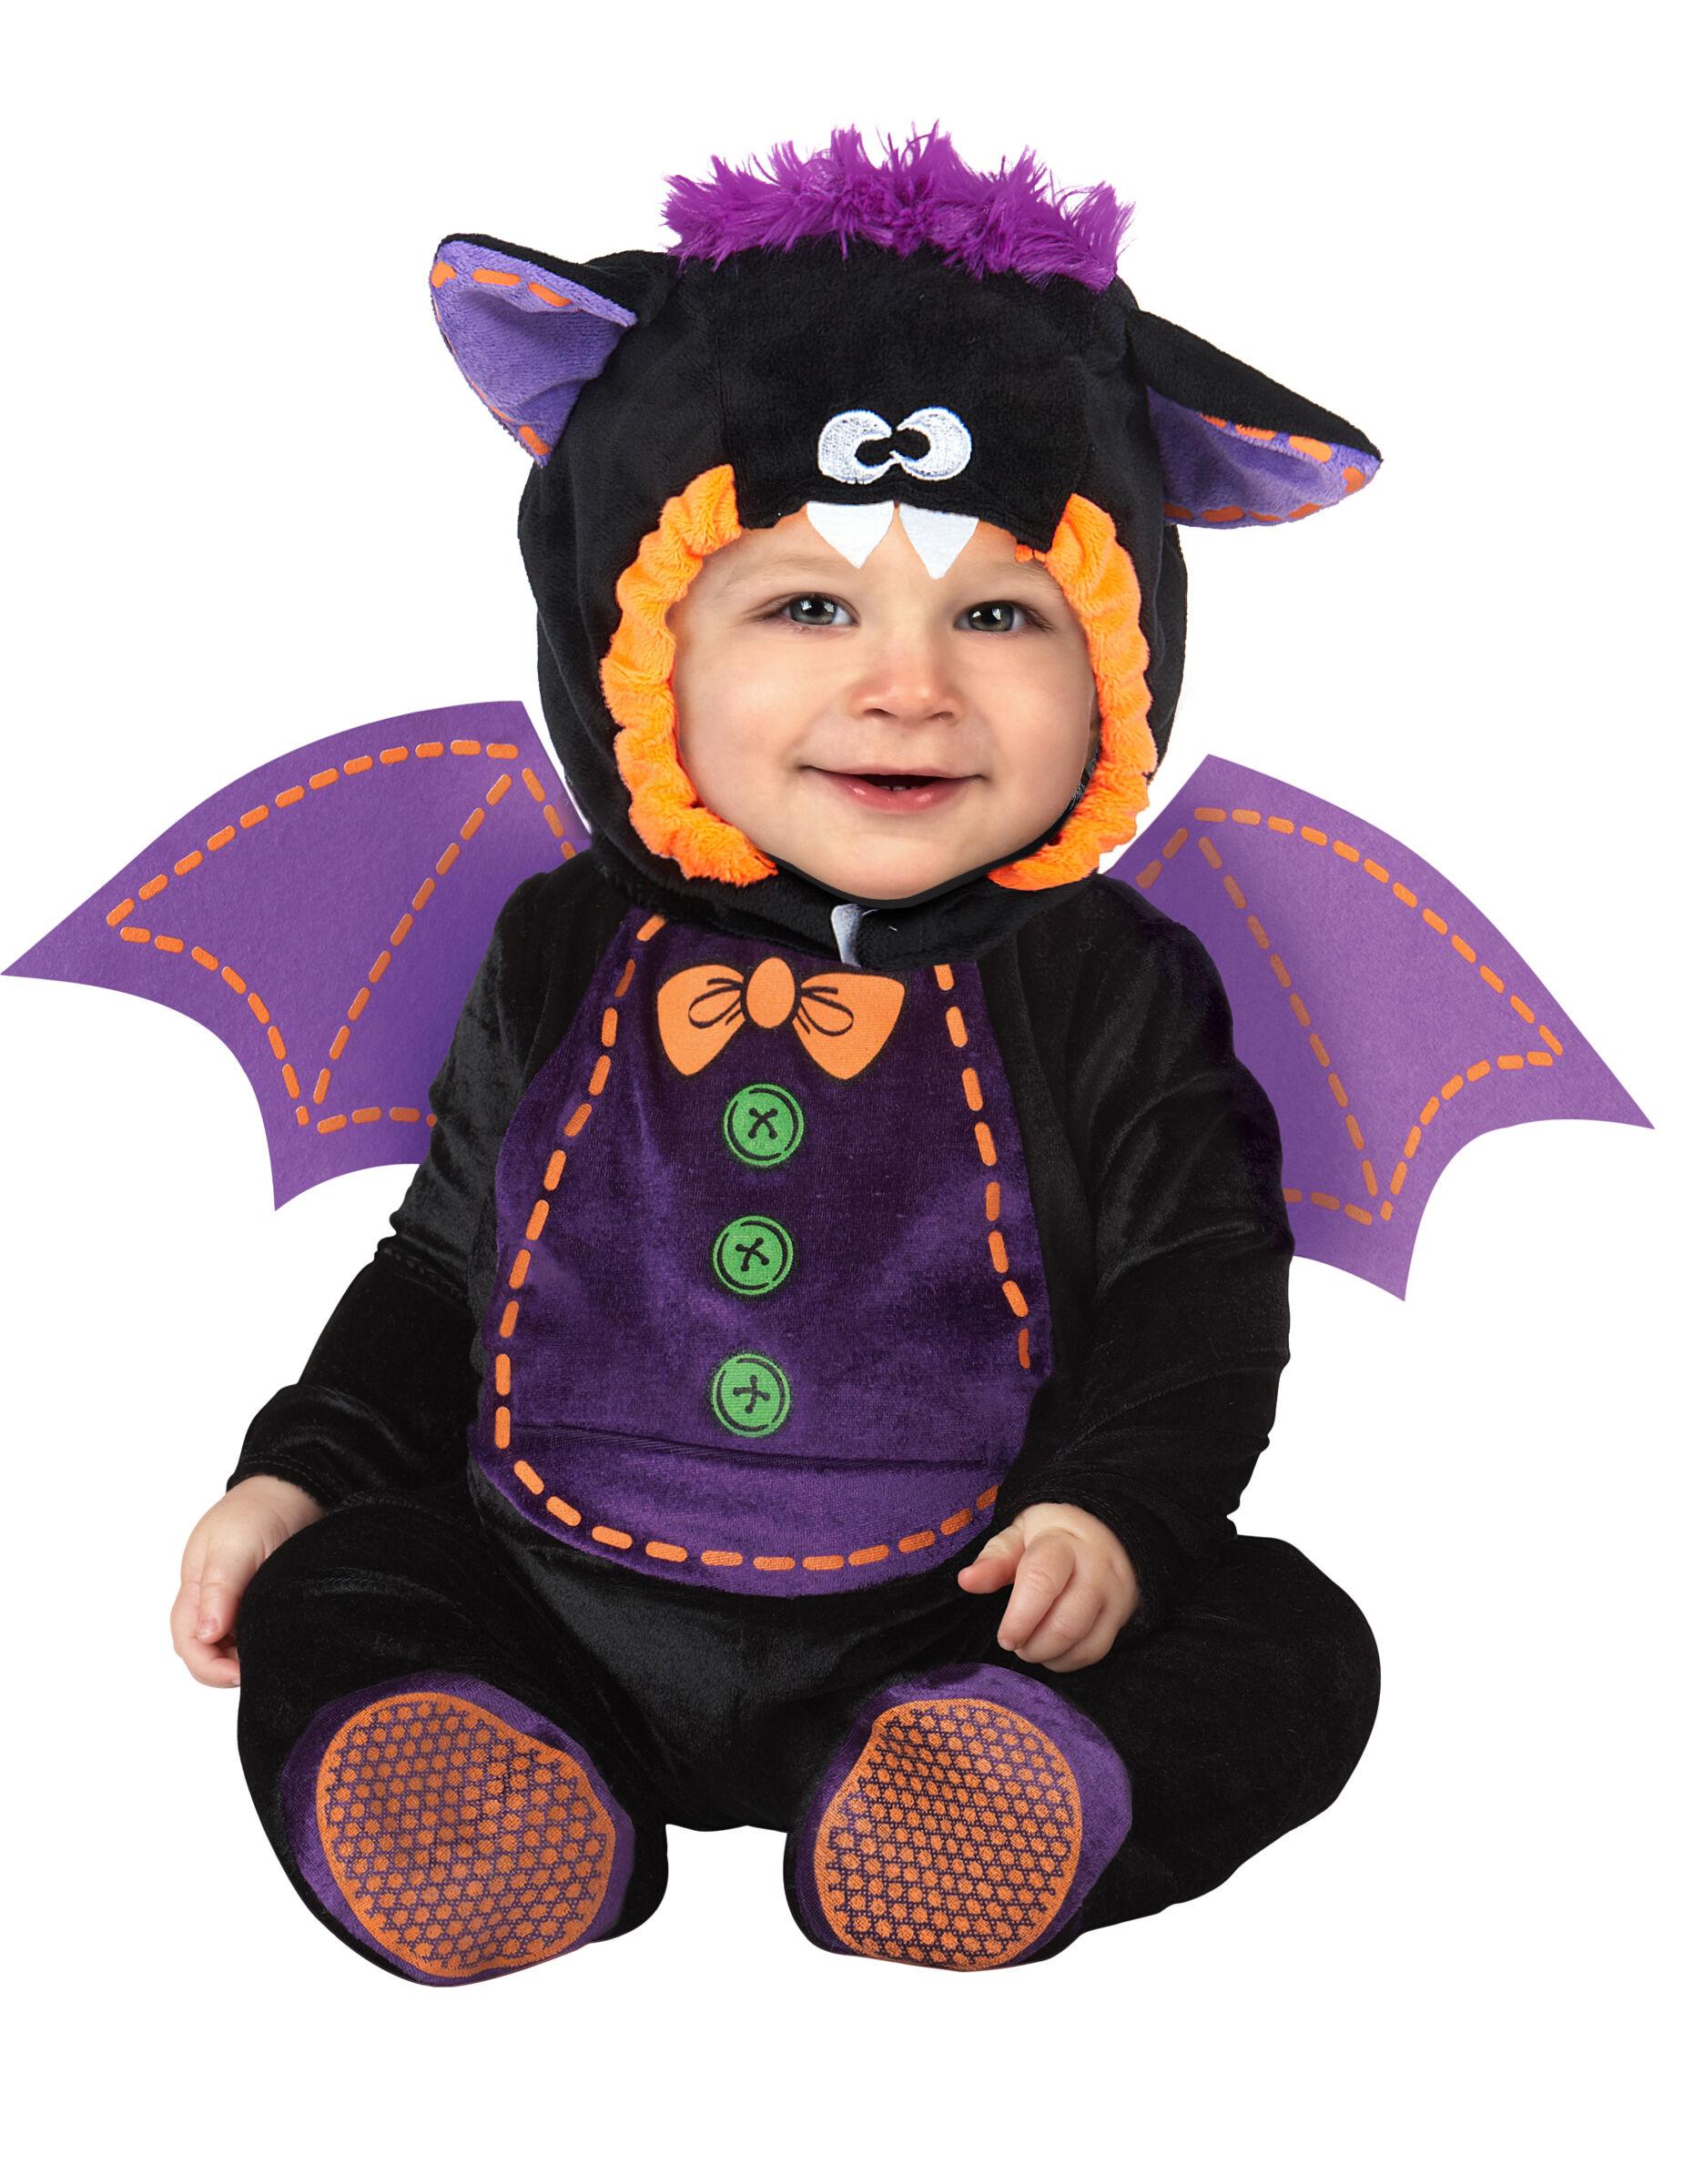 Deguisetoi Déguisement Chauve-souris pour bébé - Classique - Taille: 6-12 mois (66-74 cm)